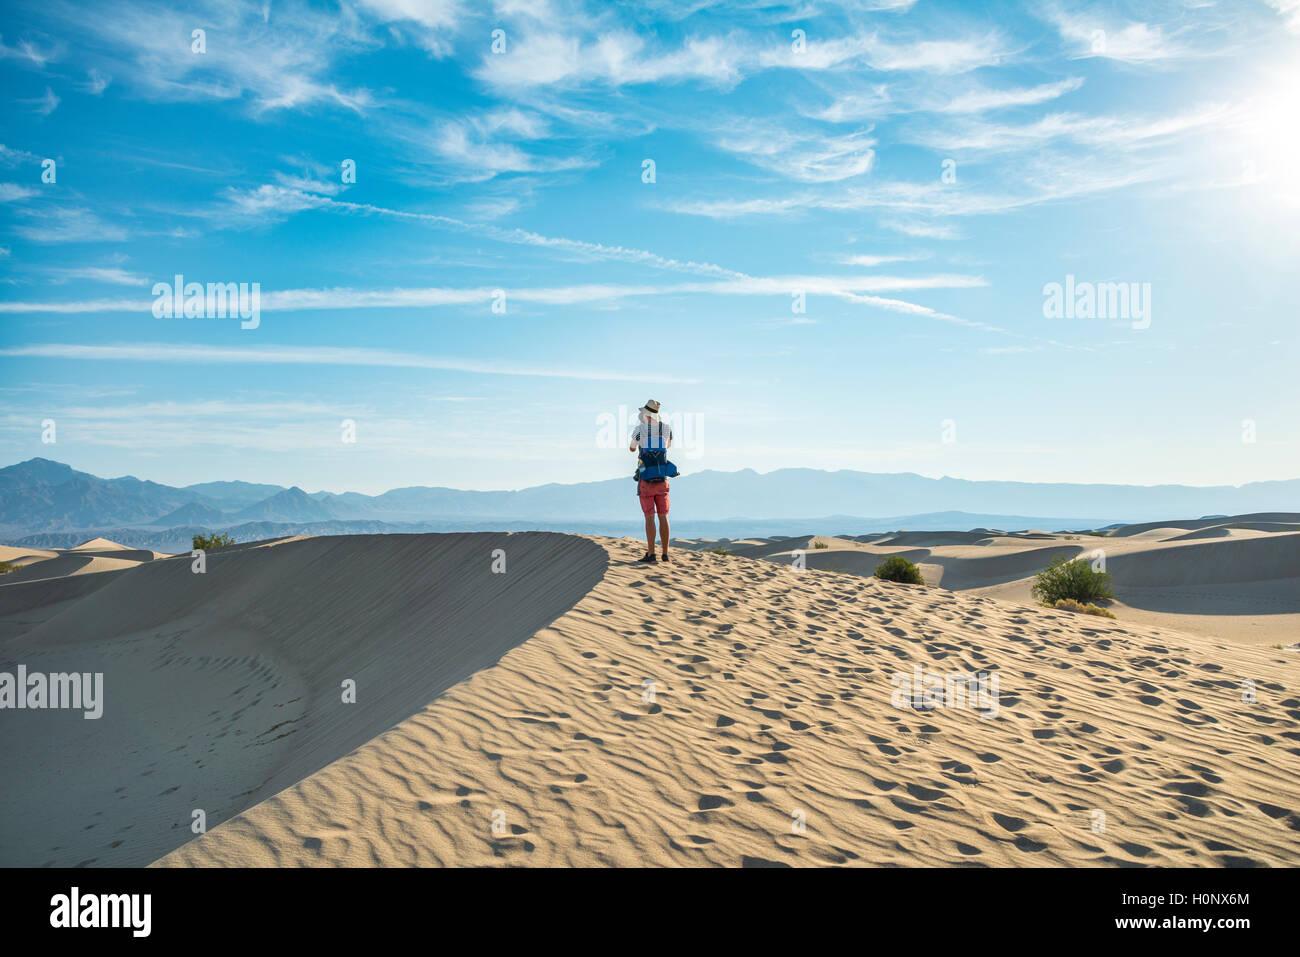 Young man photographing sand dunes, touristiques, de Mesquite Flat dunes de sable, contreforts de l'Amargosa Range derrière, la vallée de la mort Banque D'Images